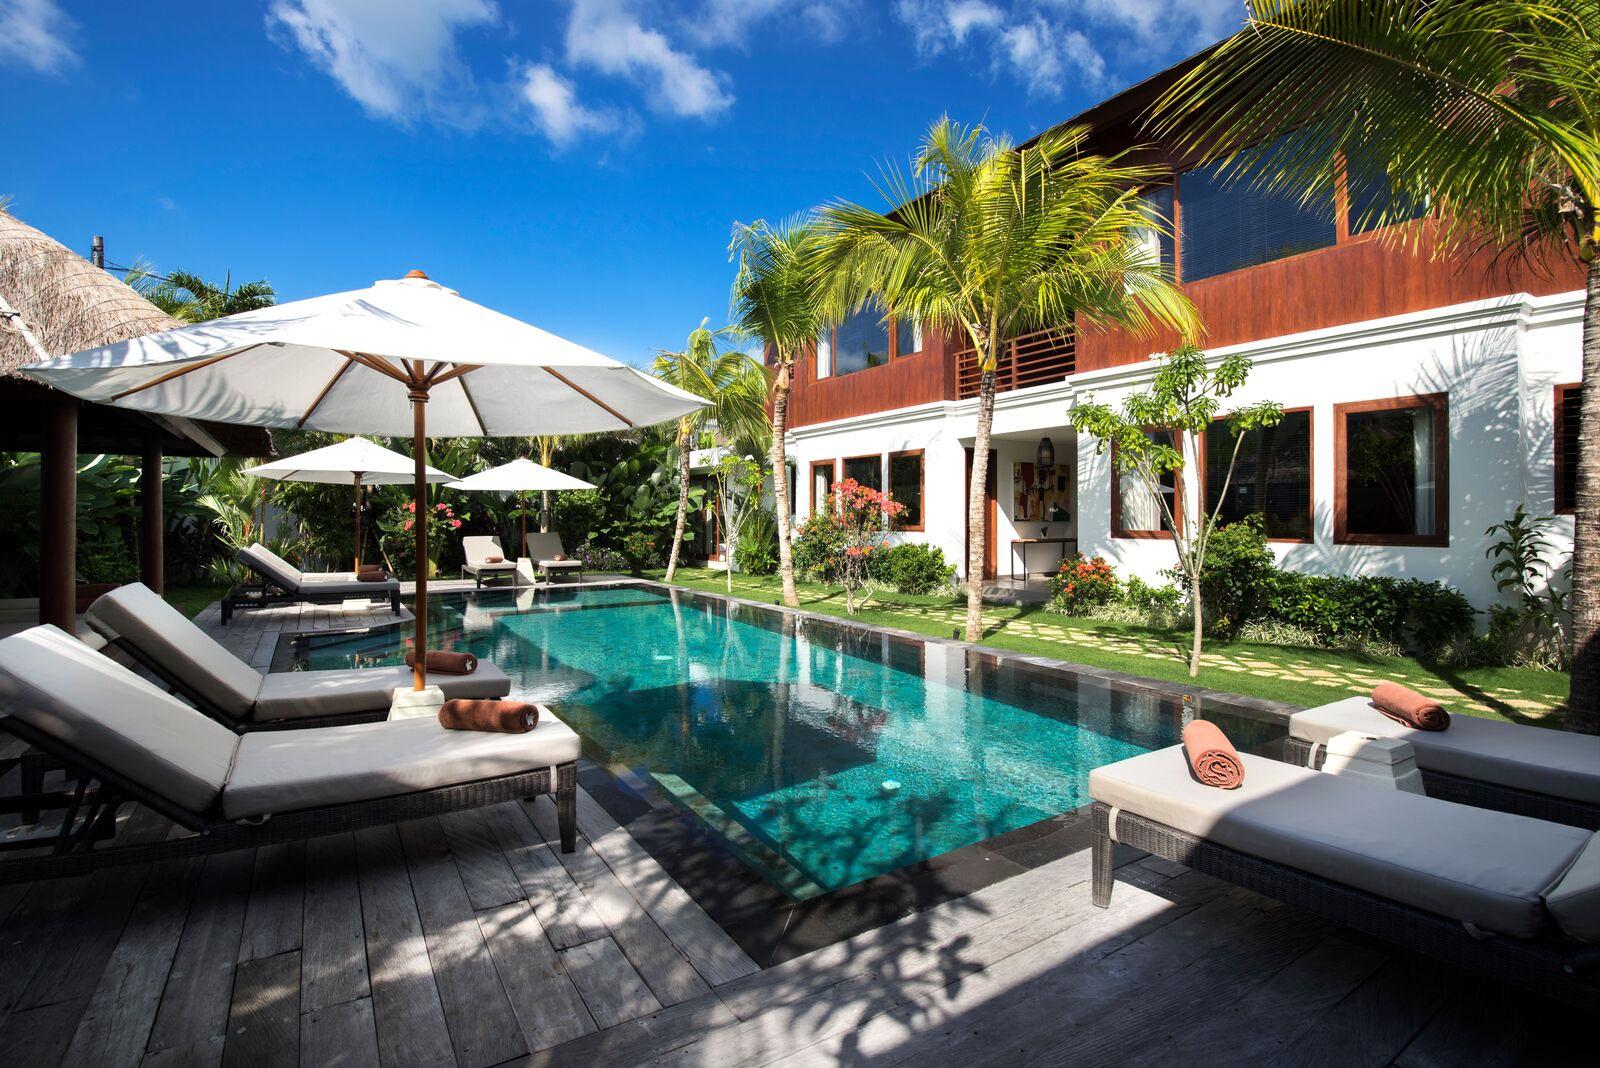 Villa tangram 6 bedrooms villa in seminyak bali for 6 bedroom villa bali